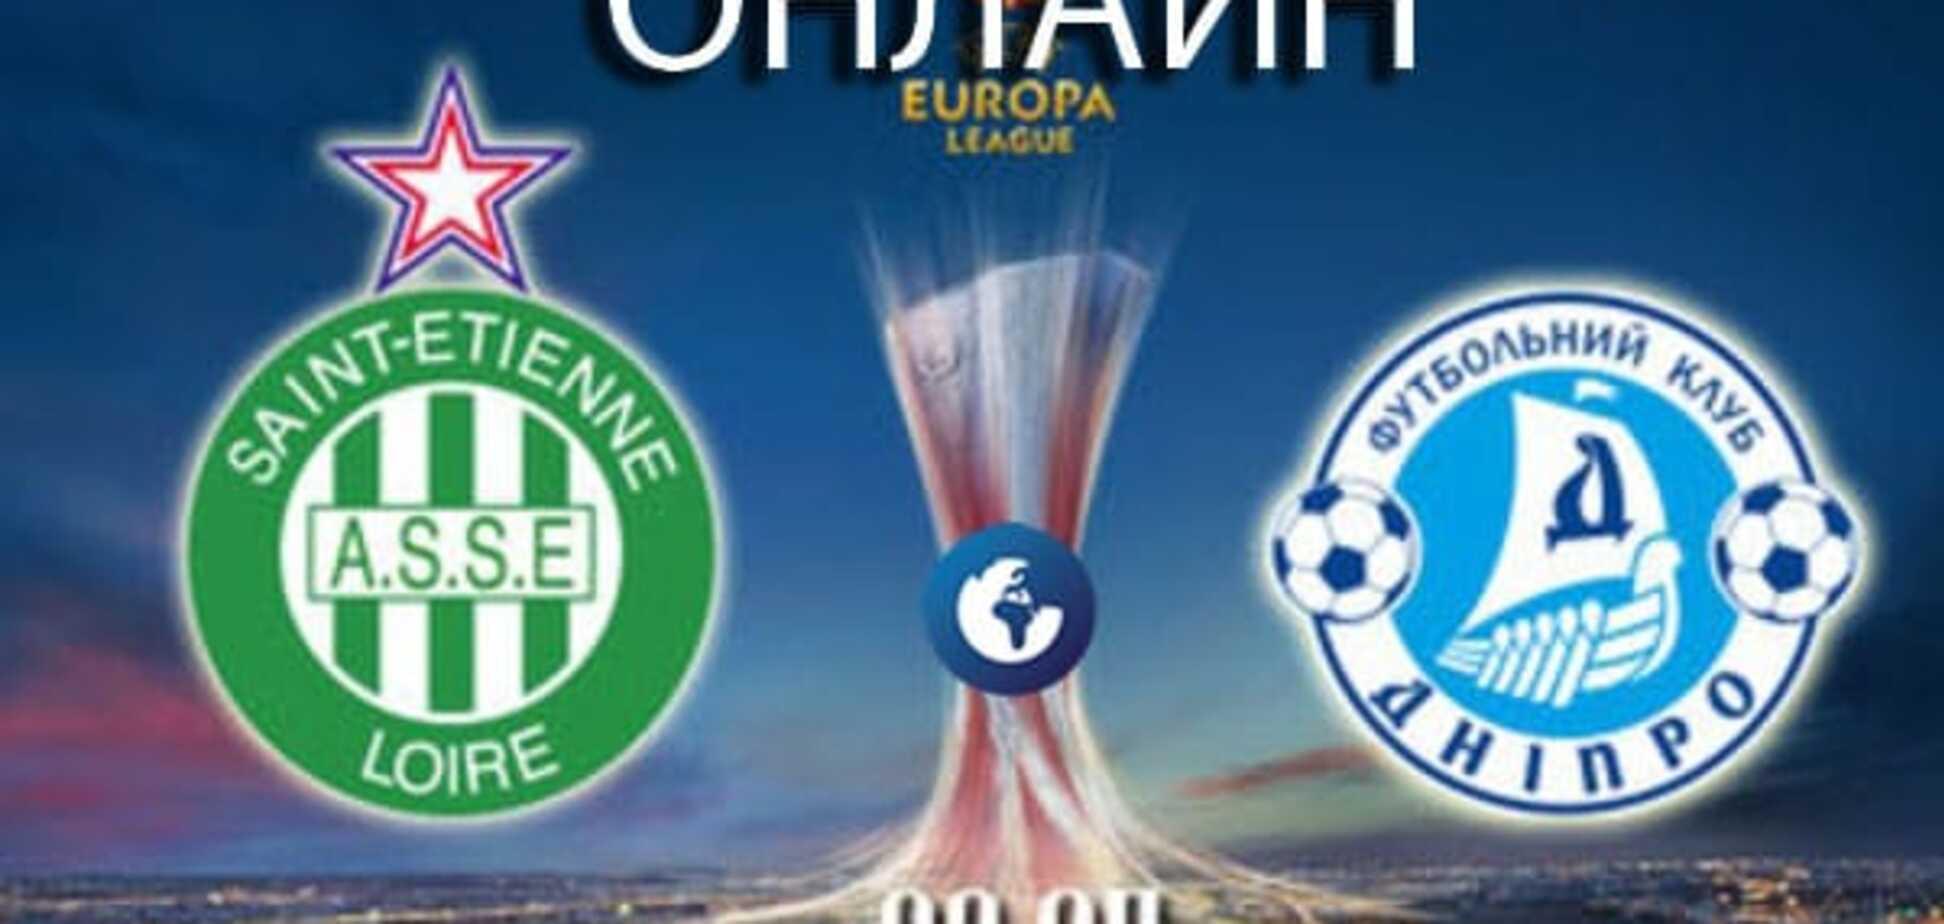 Сент-Этьен - Днепр - 3-0: хронология матча Лиги Европы